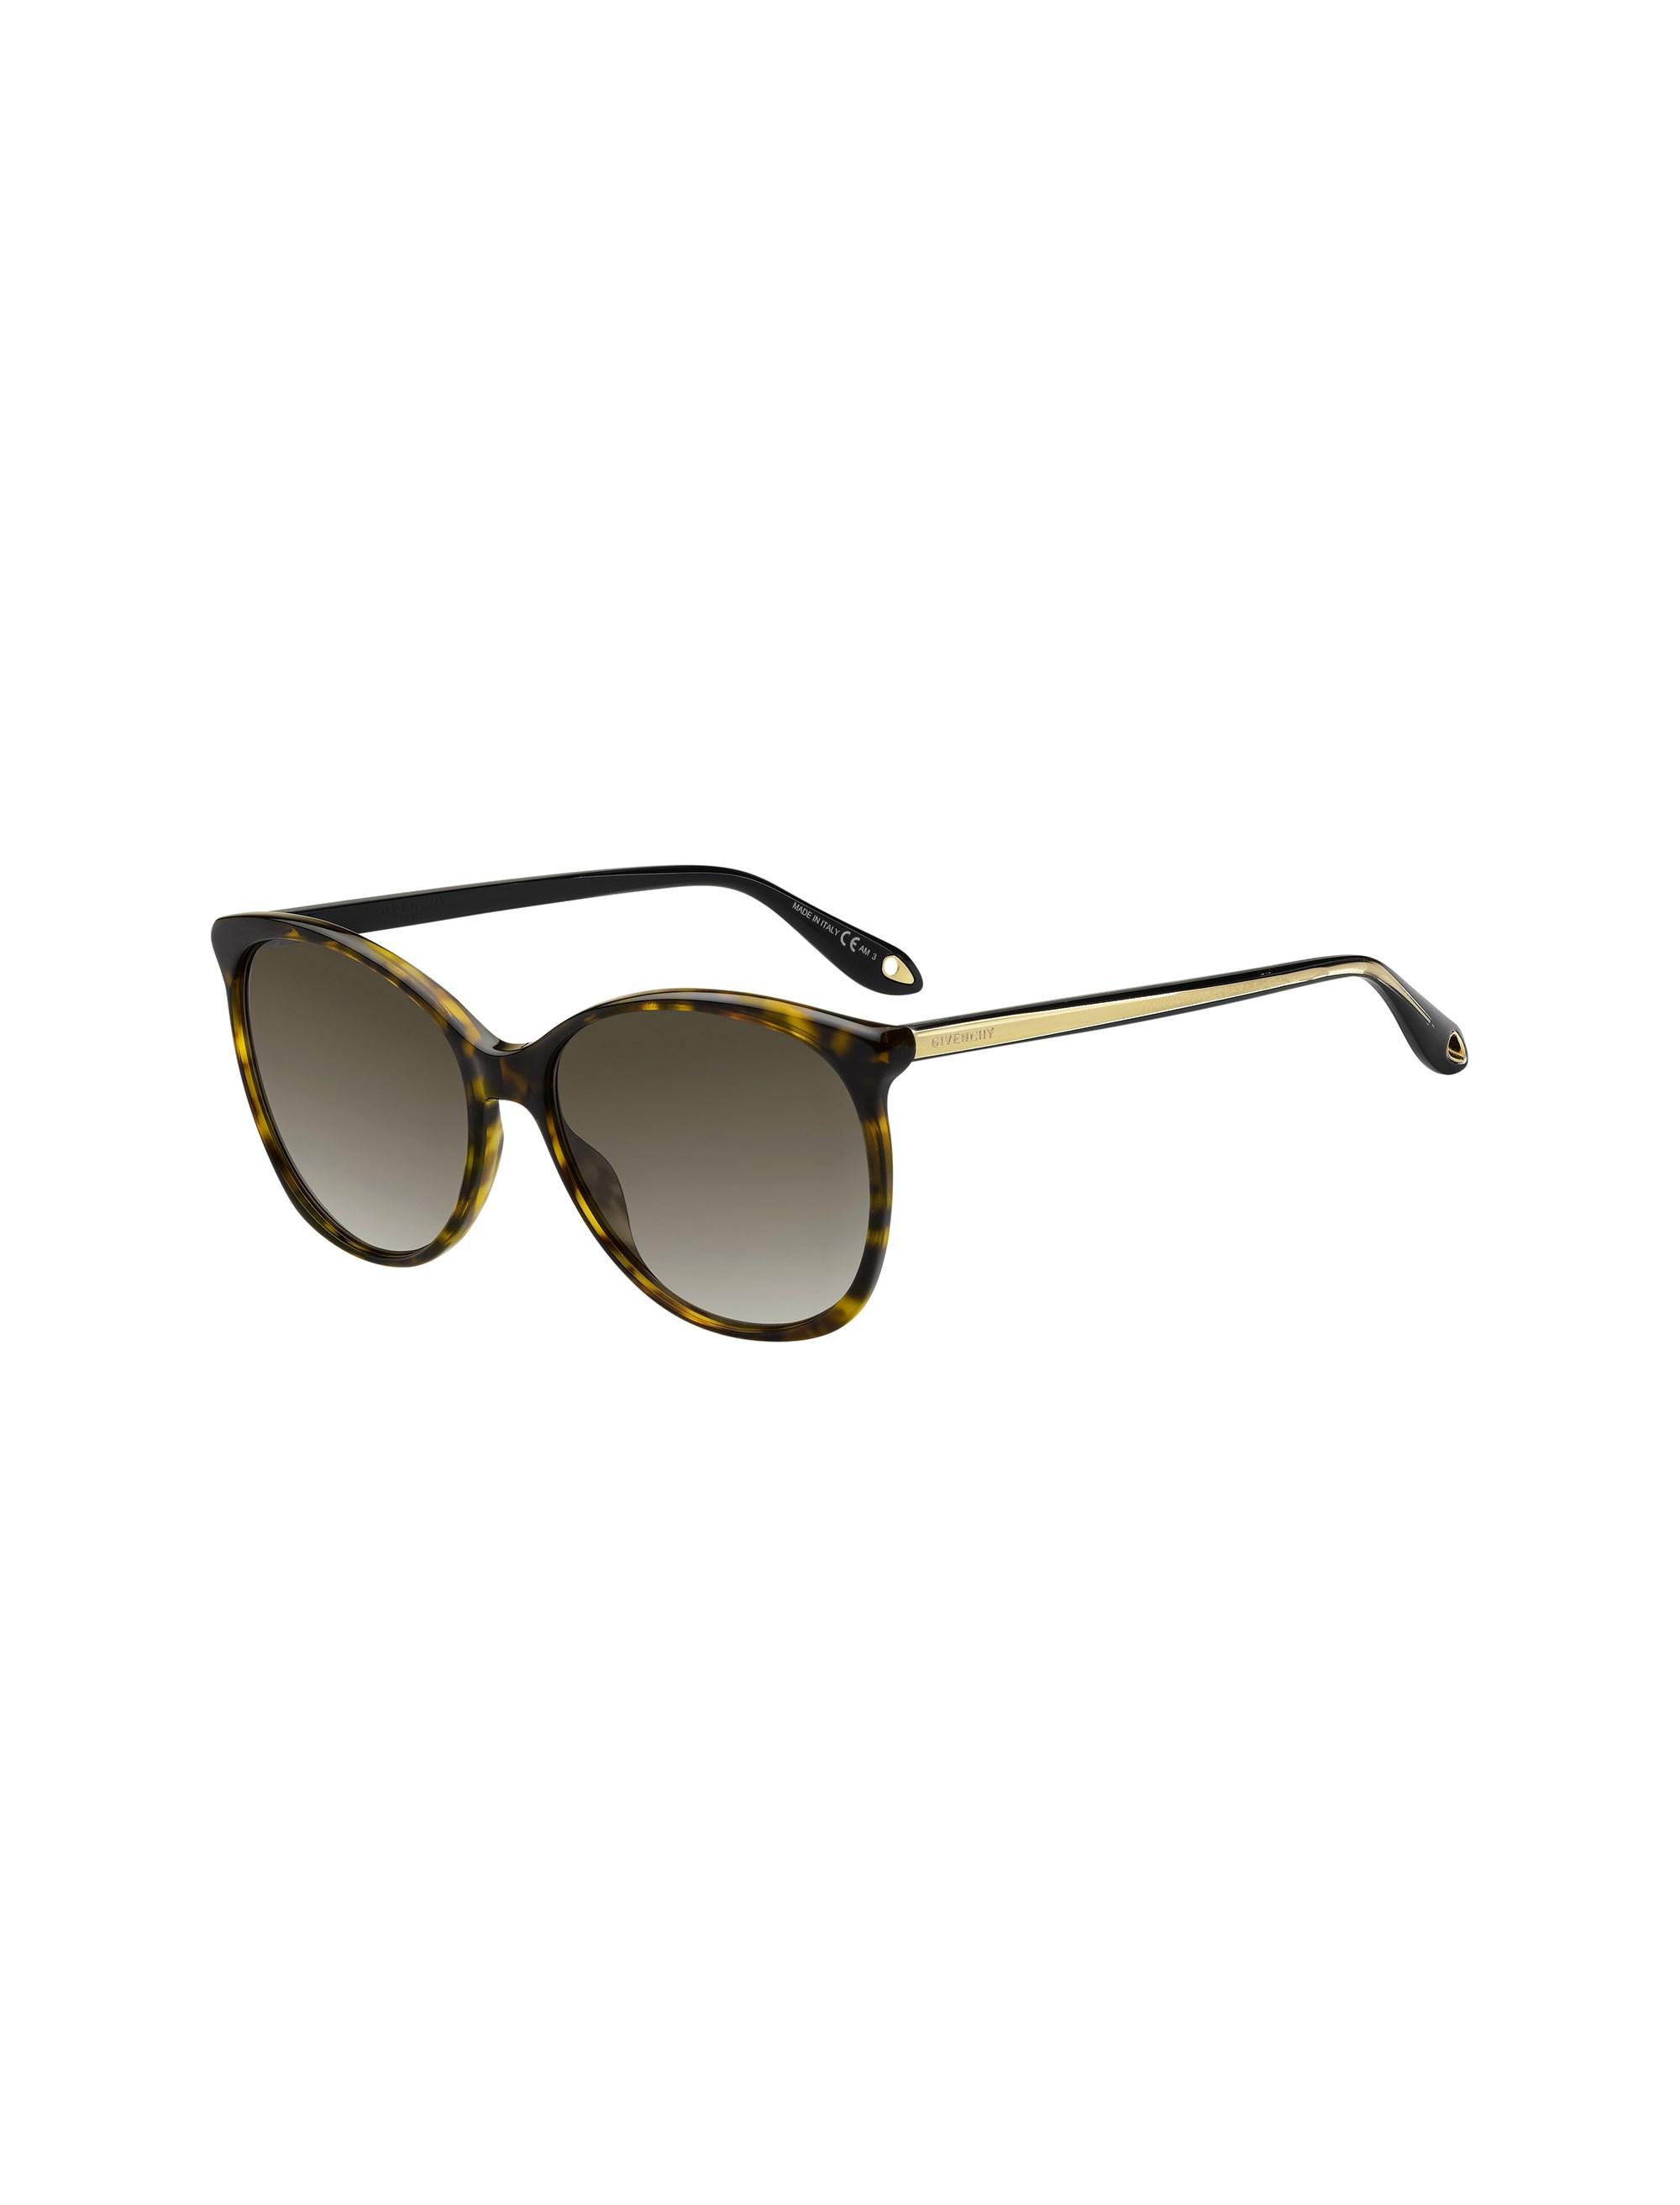 عینک آفتابی ویفرر زنانه - ژیوانشی